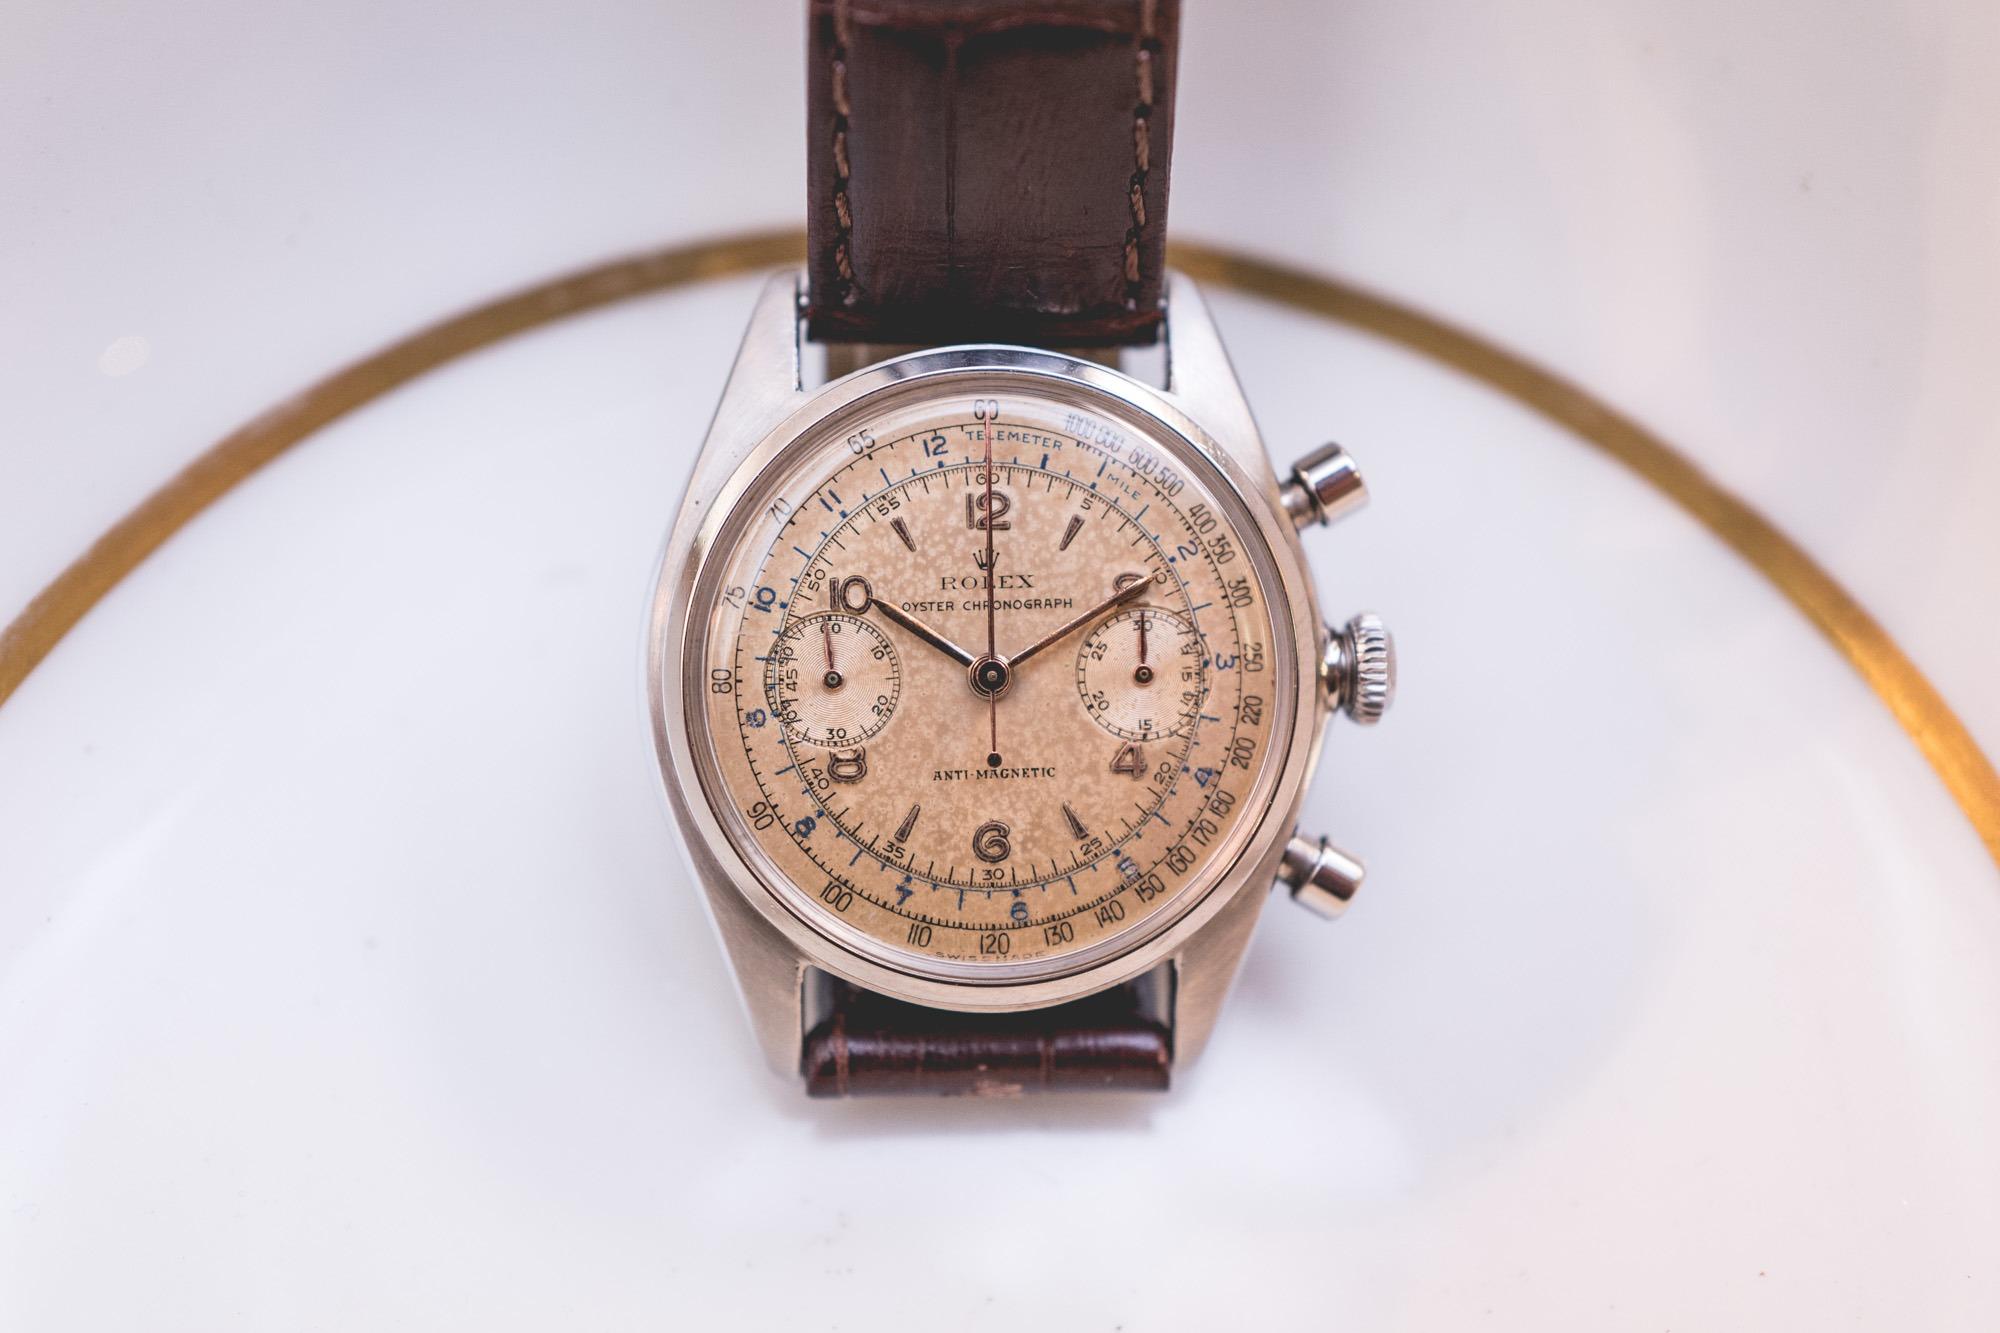 Vente Tajan Georg Fischer Rolex Oyster Chronograph Ref. 4500